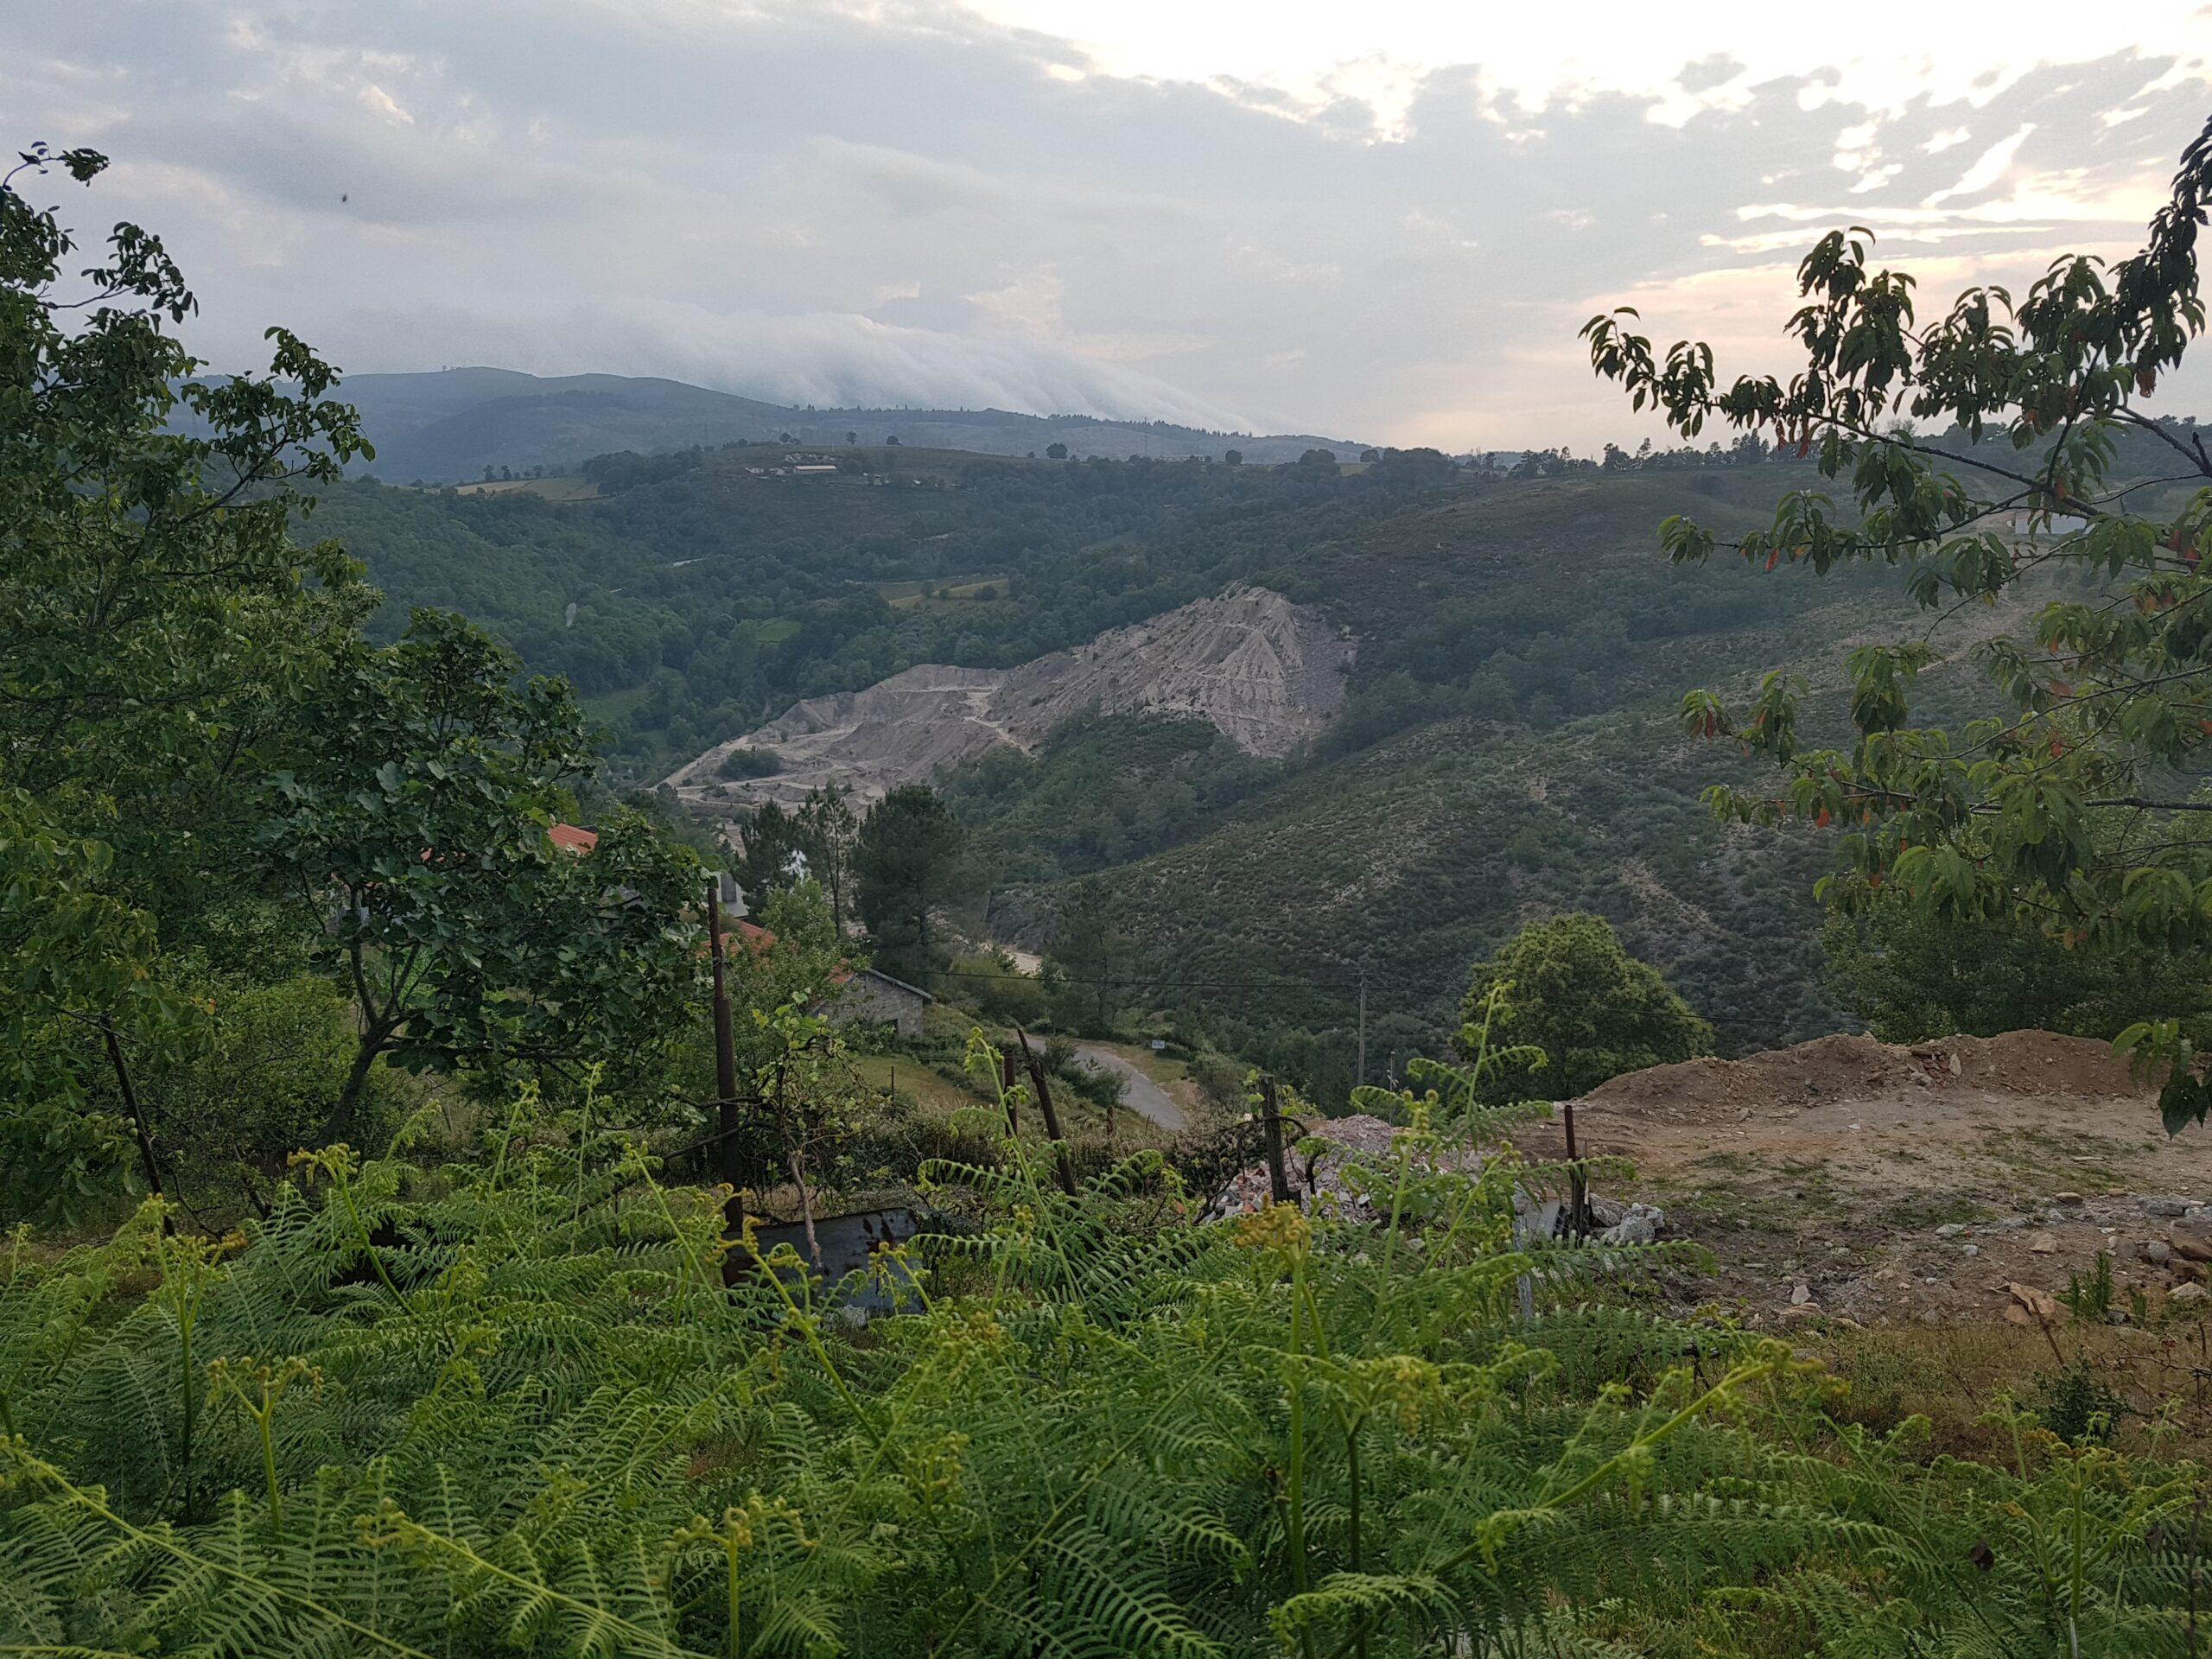 Consulta pública das minas da Borralha: adiada 8 dias apesar de movimentos defenderem a anulação